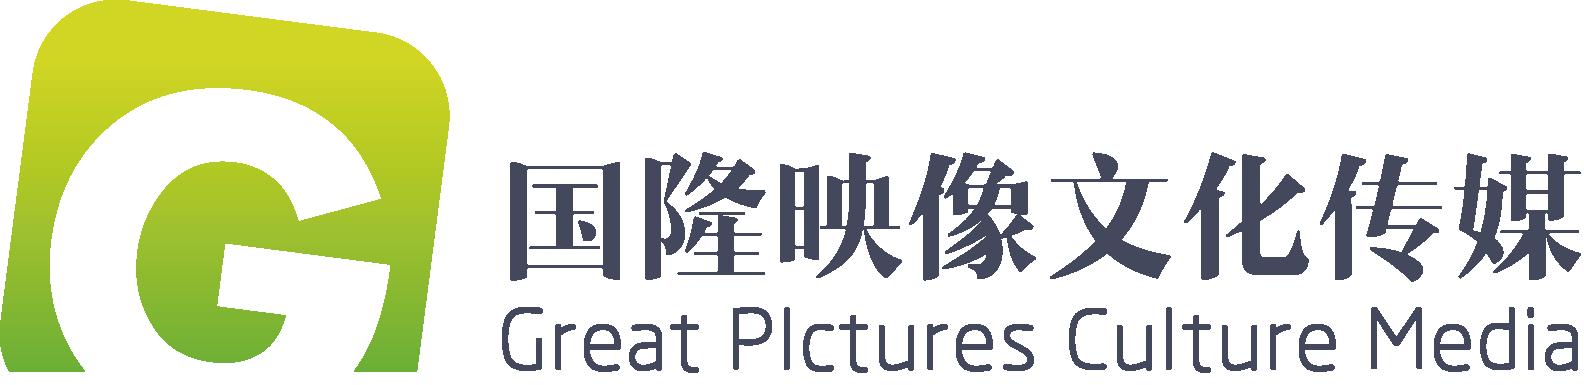 新疆企业宣传片制作和拍摄